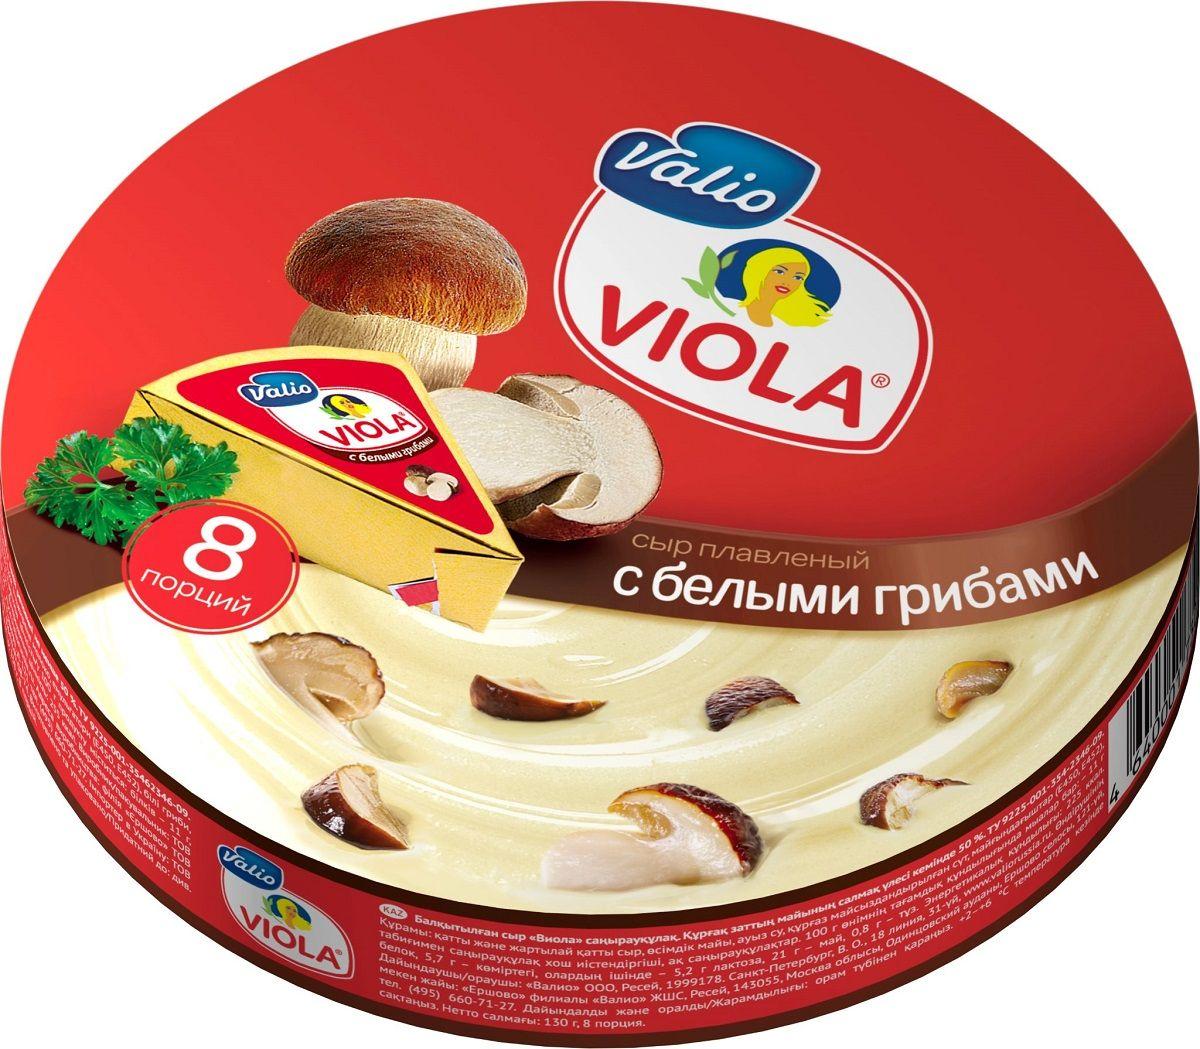 Valio Viola Сыр с белыми грибами, плавленый, 130 г valio малина злаки